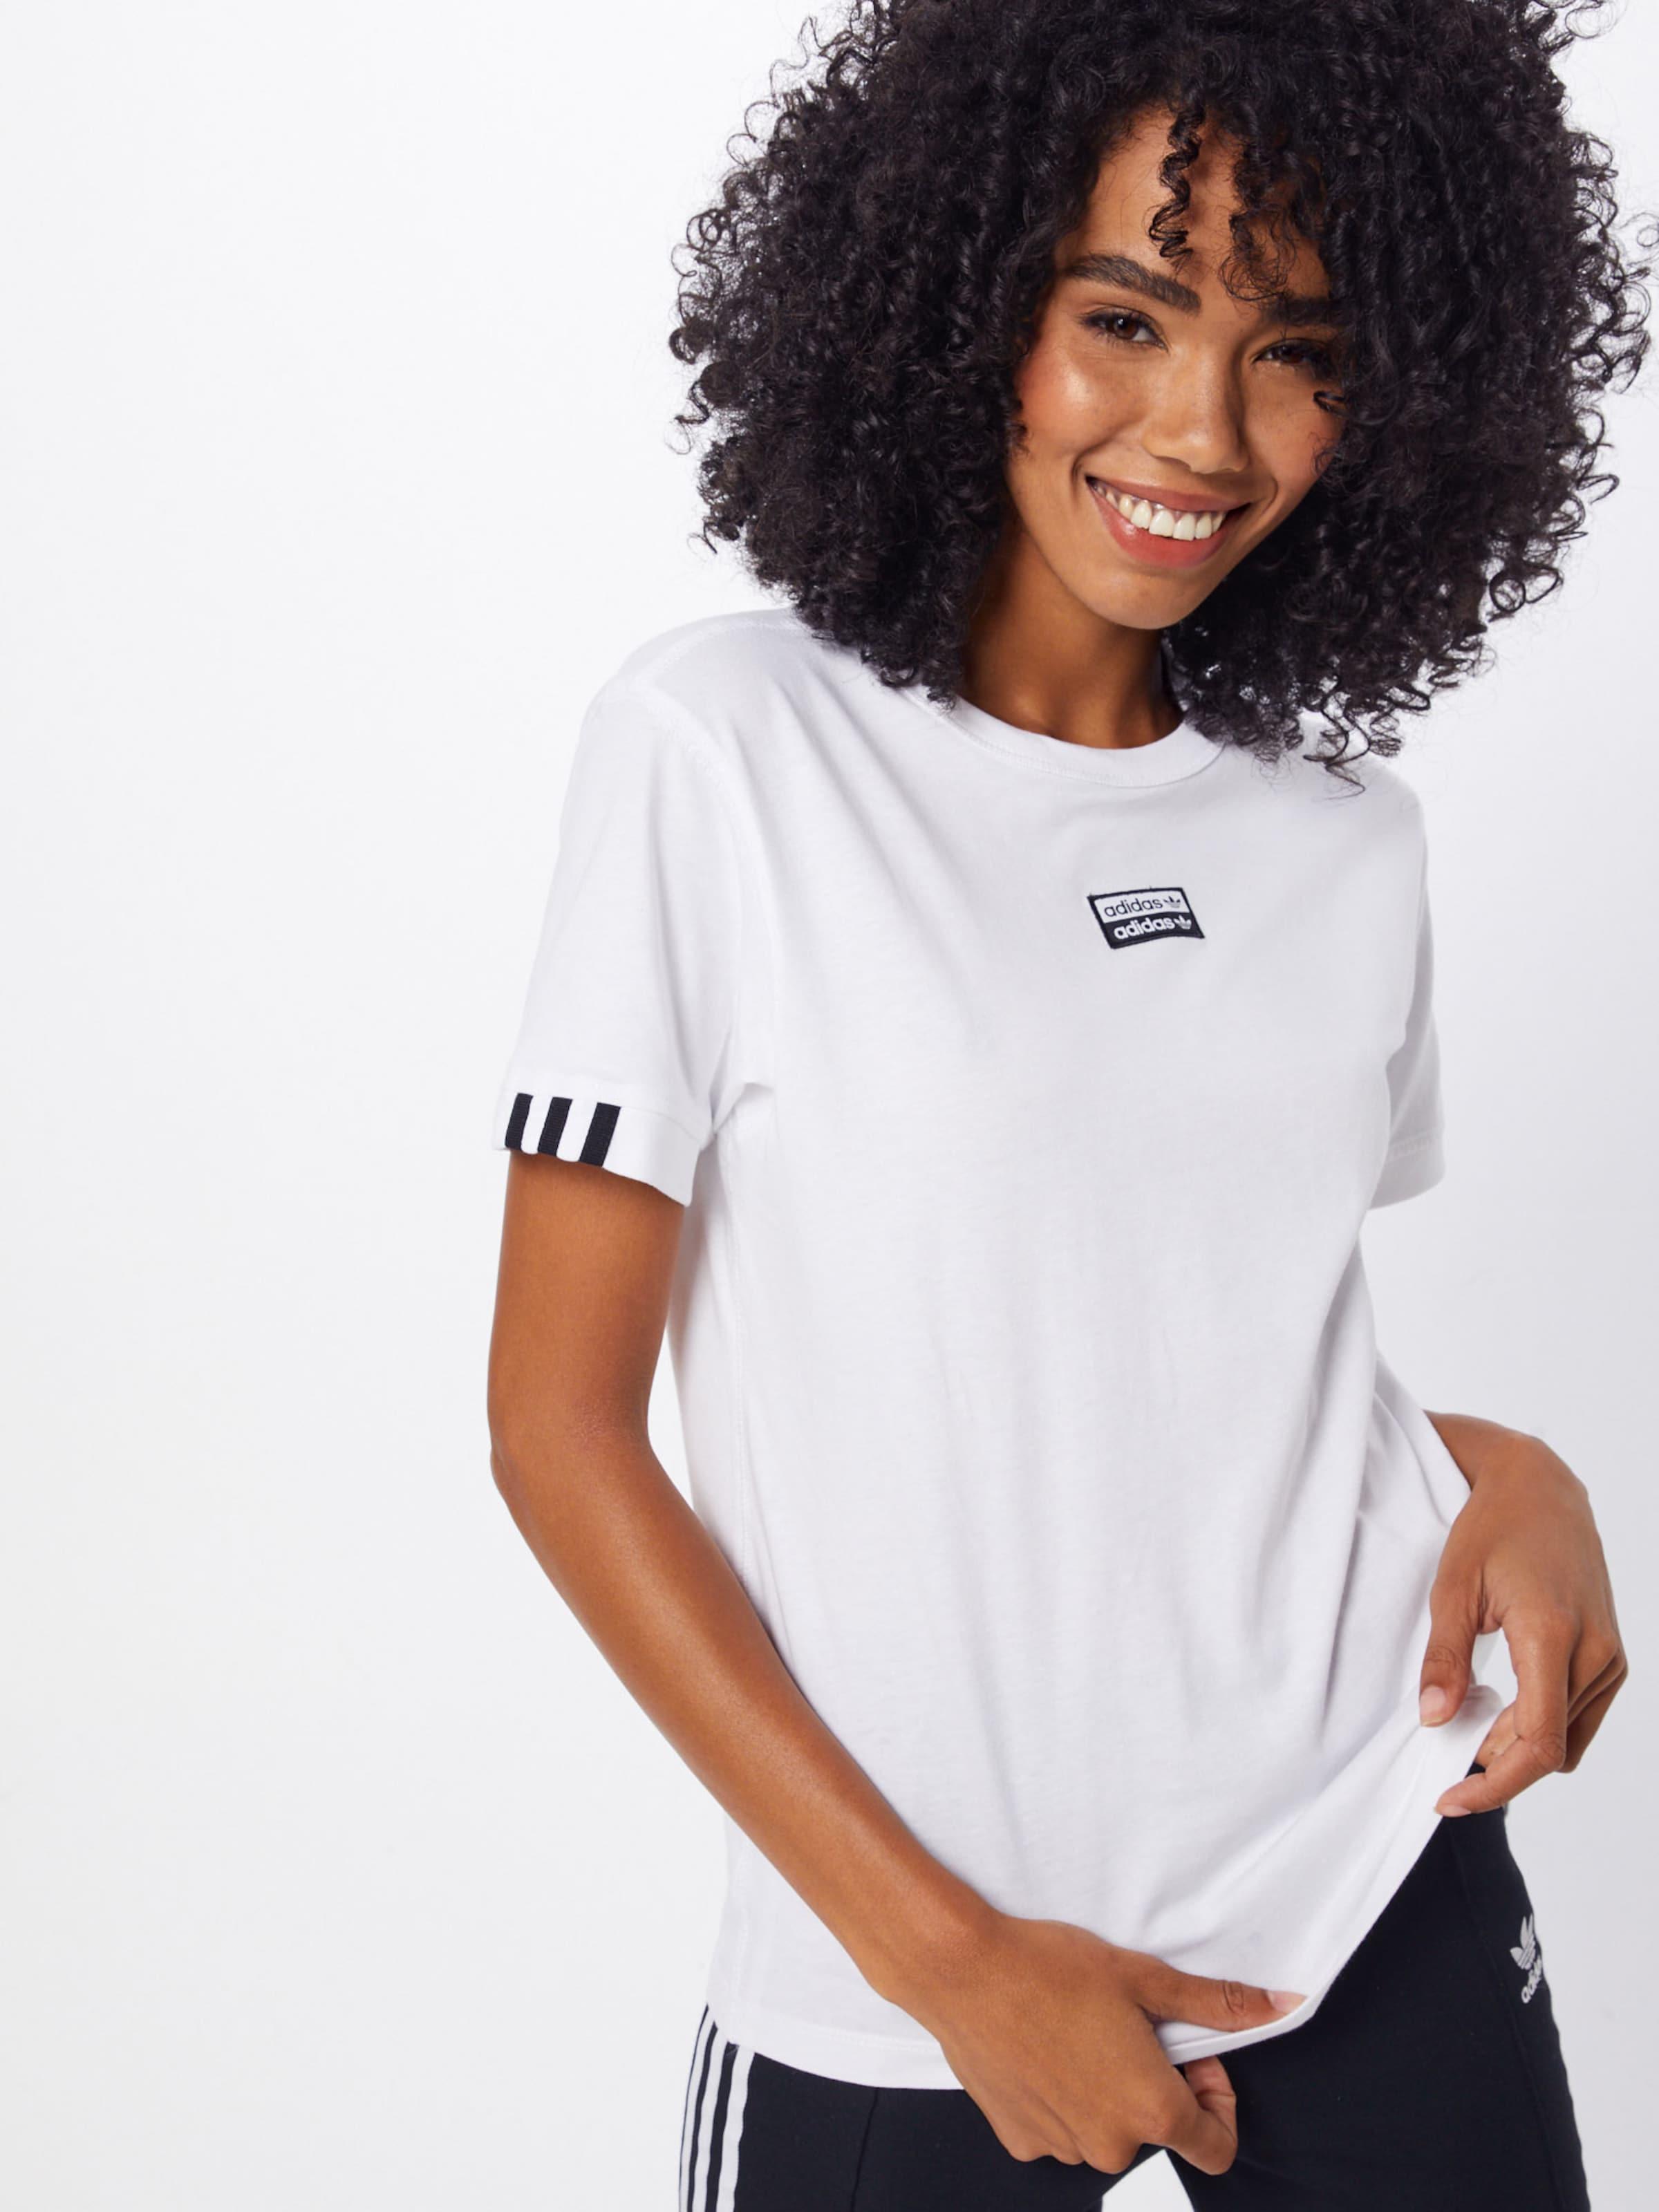 T Adidas Originals shirt Weiß In bgY76Ivmyf